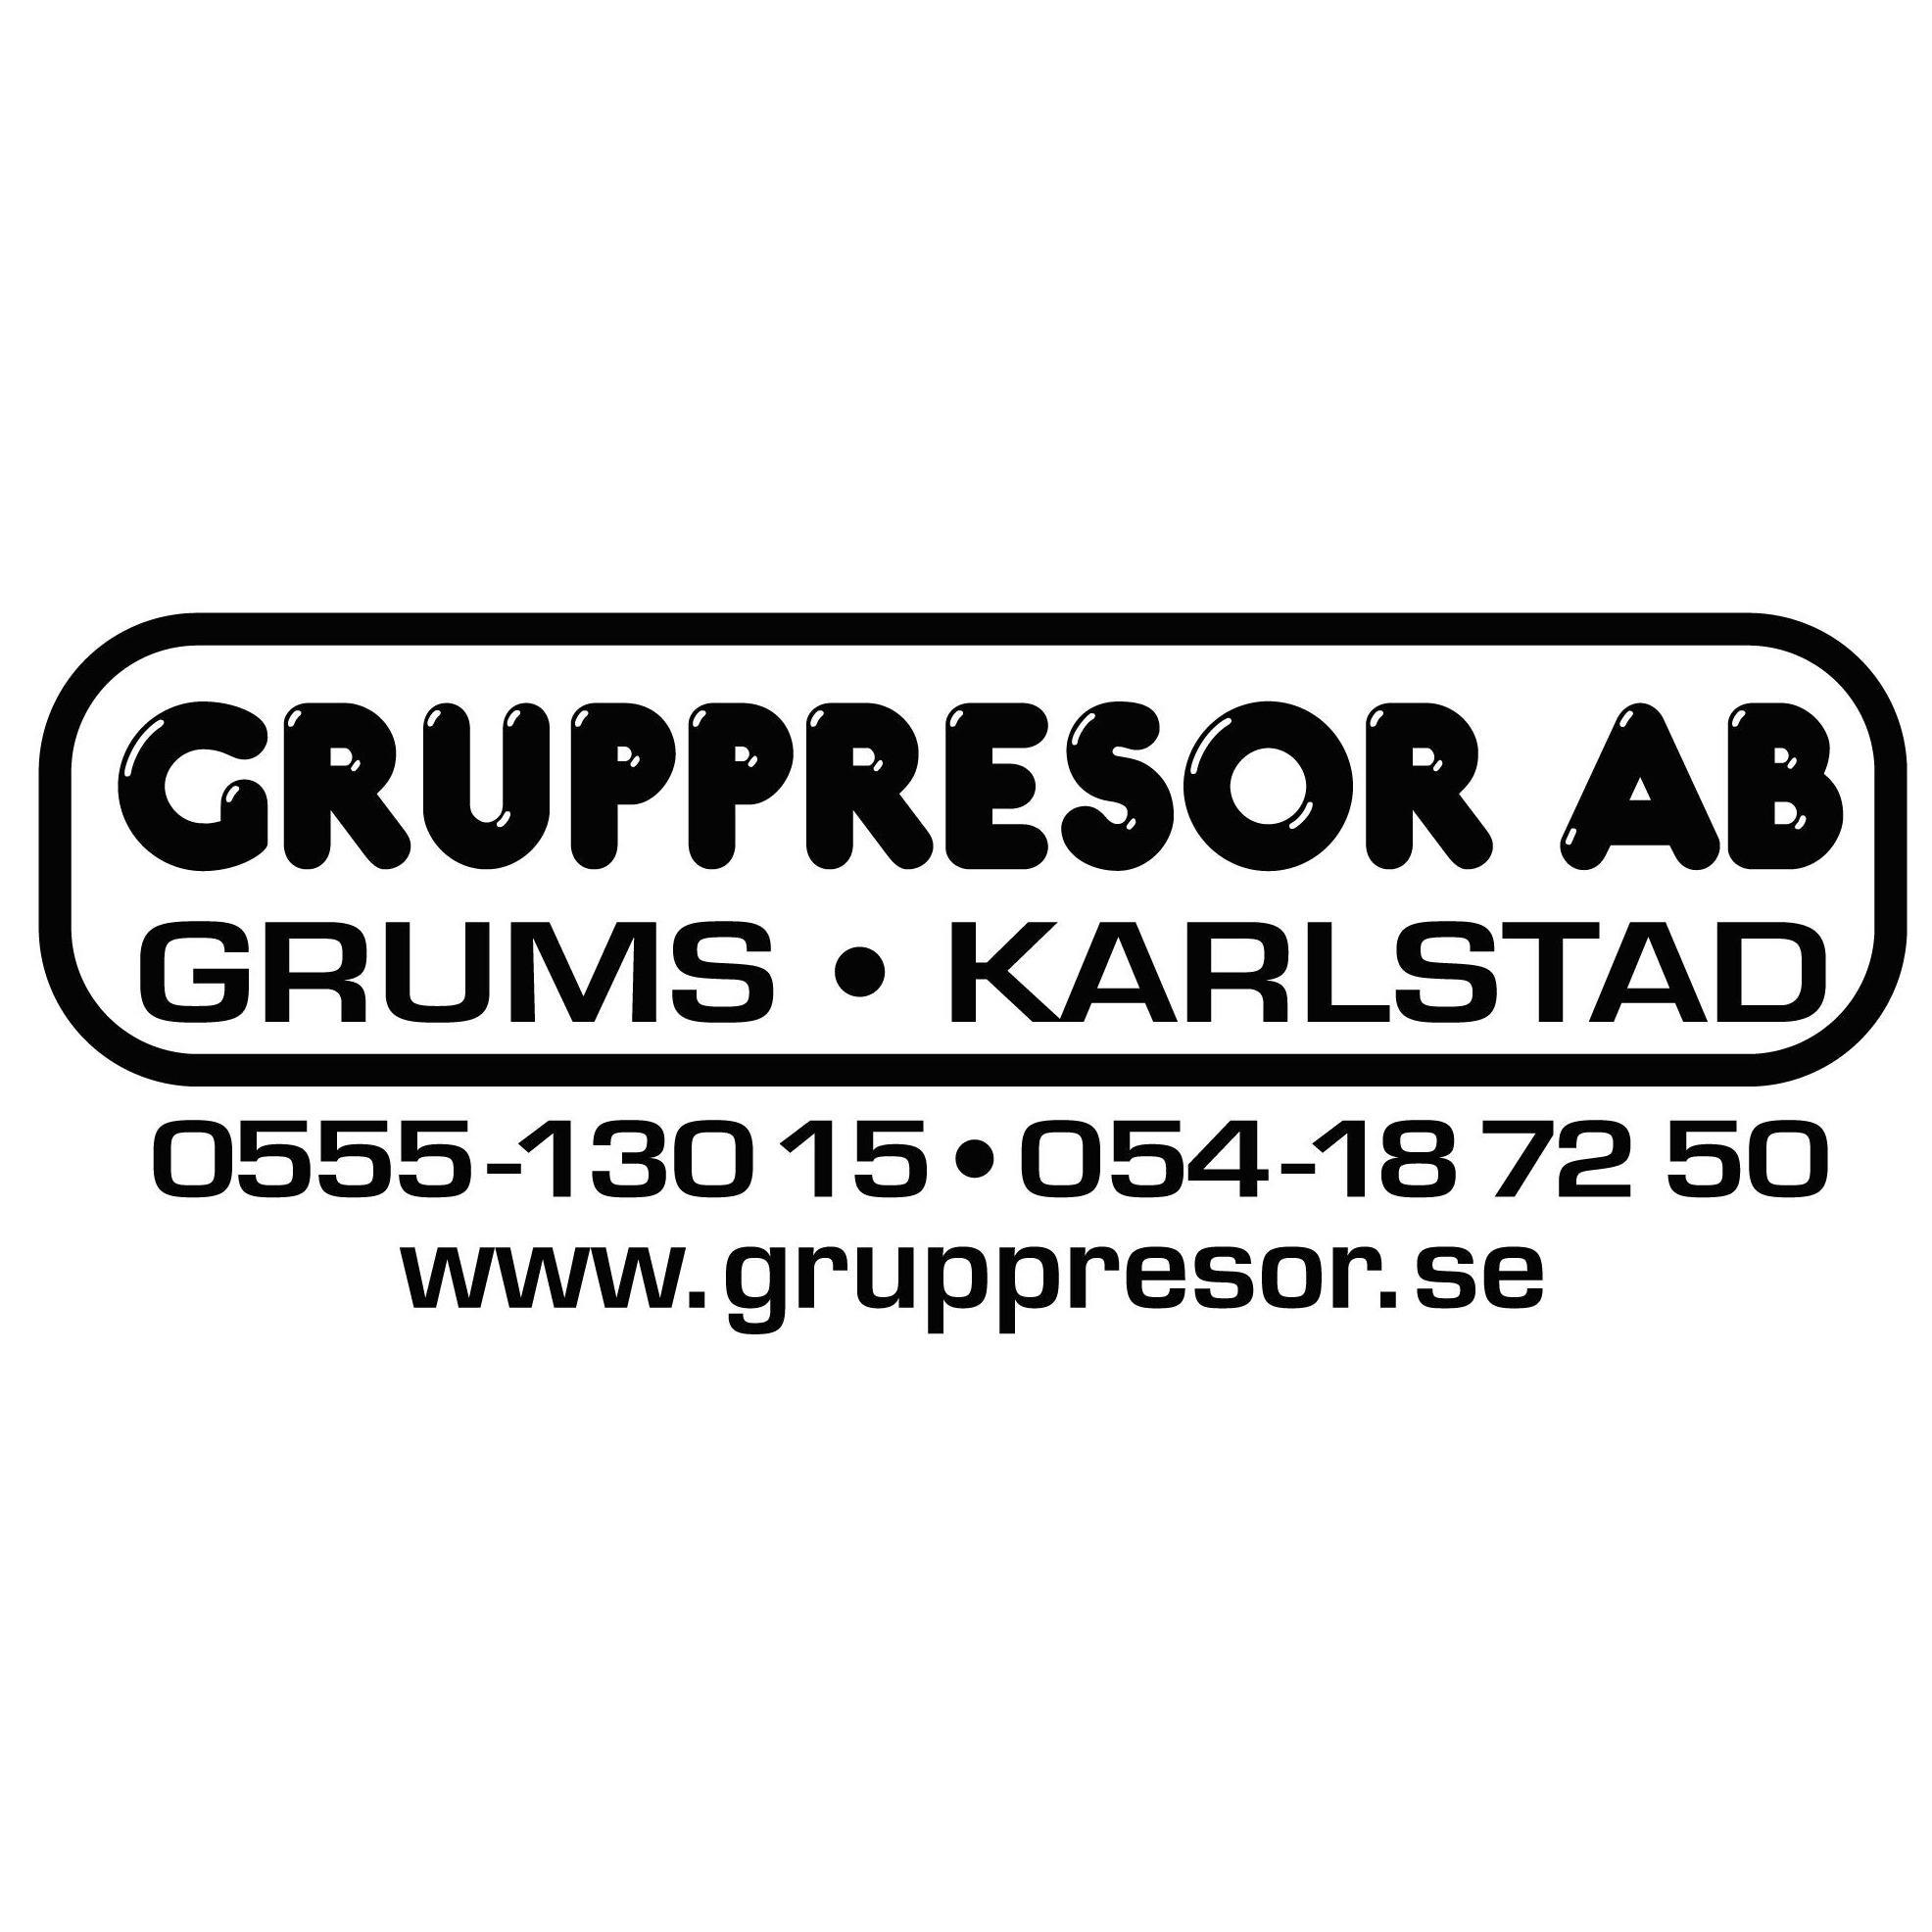 GRUPPRESOR AB